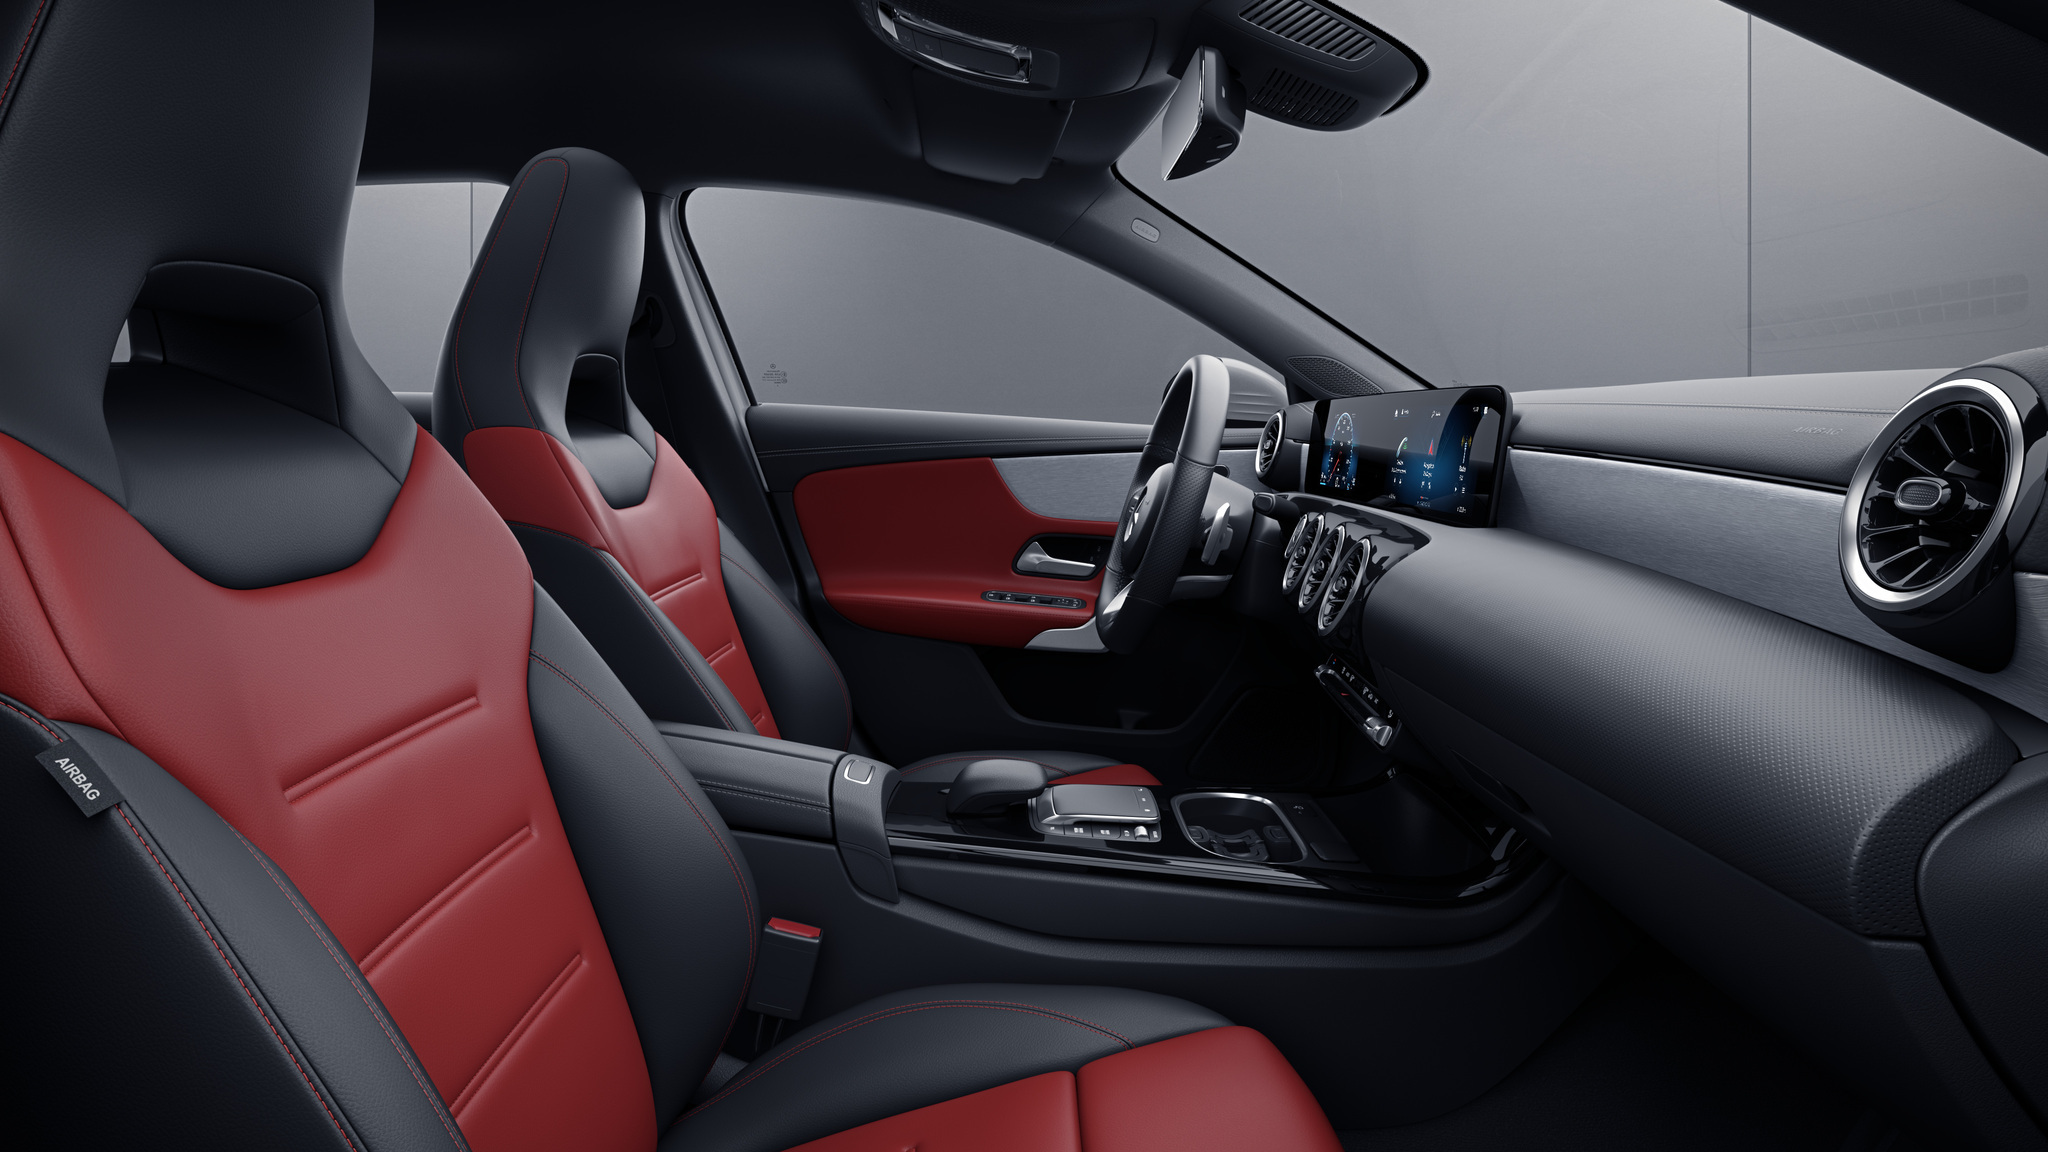 Habitacle de la Mercedes Classe A Berline avec une Sellerie cuir bicolore - rouge classique noir